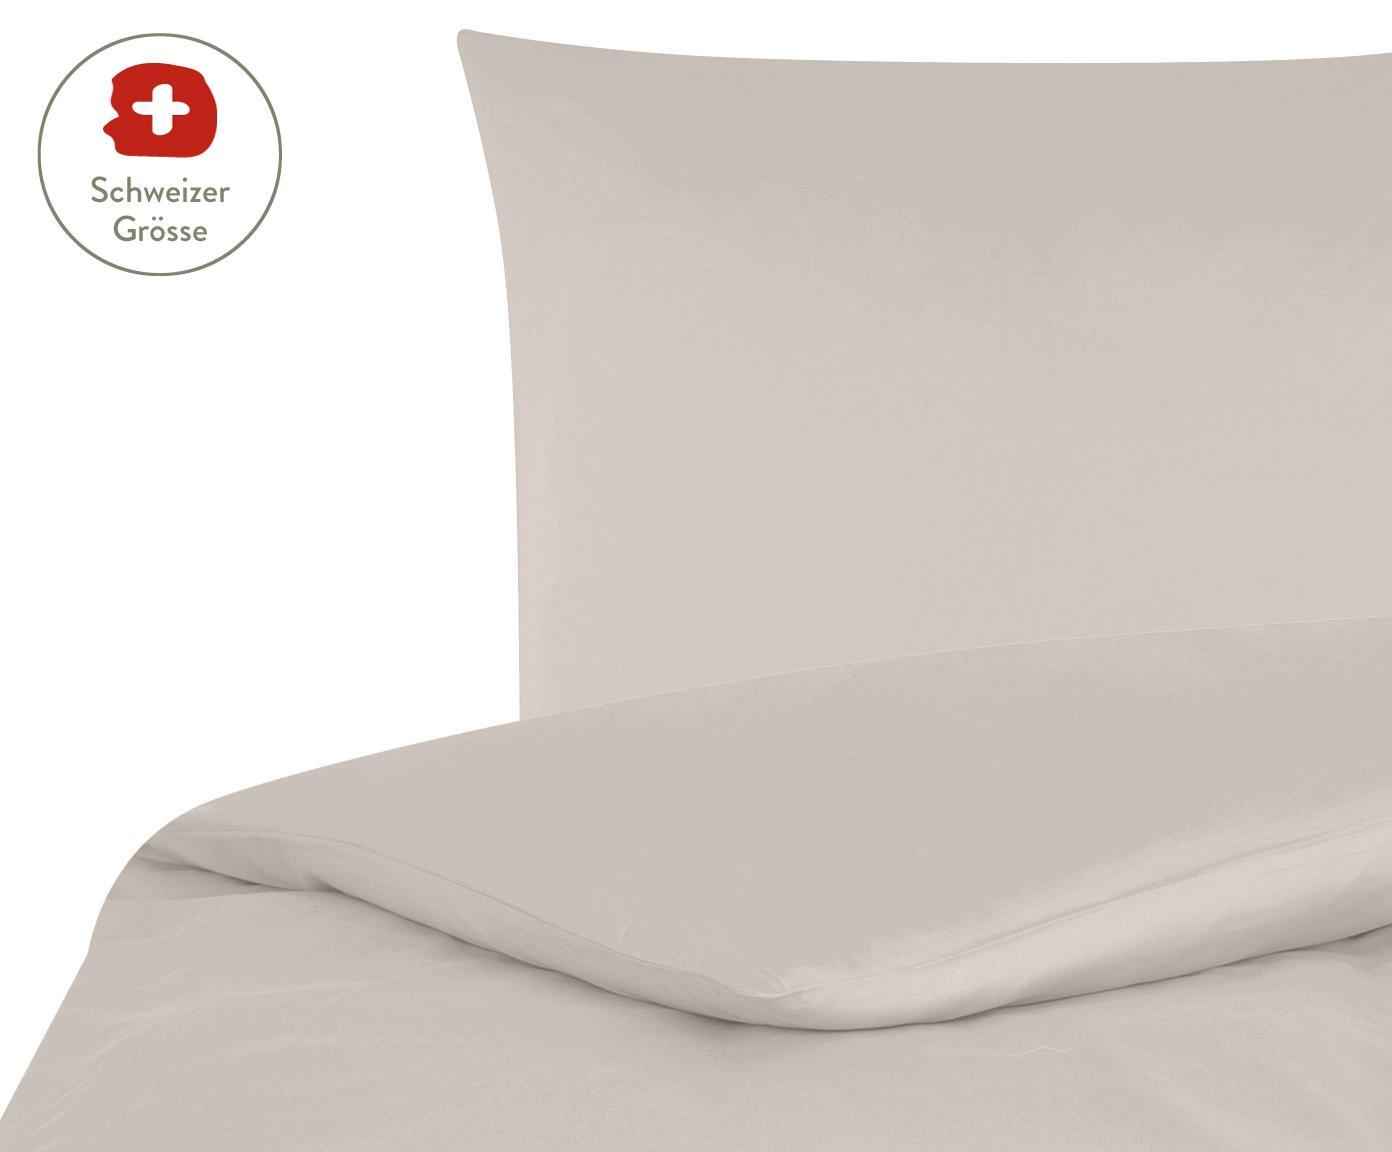 Baumwollsatin-Bettdeckenbezug Comfort in Taupe, Webart: Satin, leicht glänzend, Taupe, 160 x 210 cm